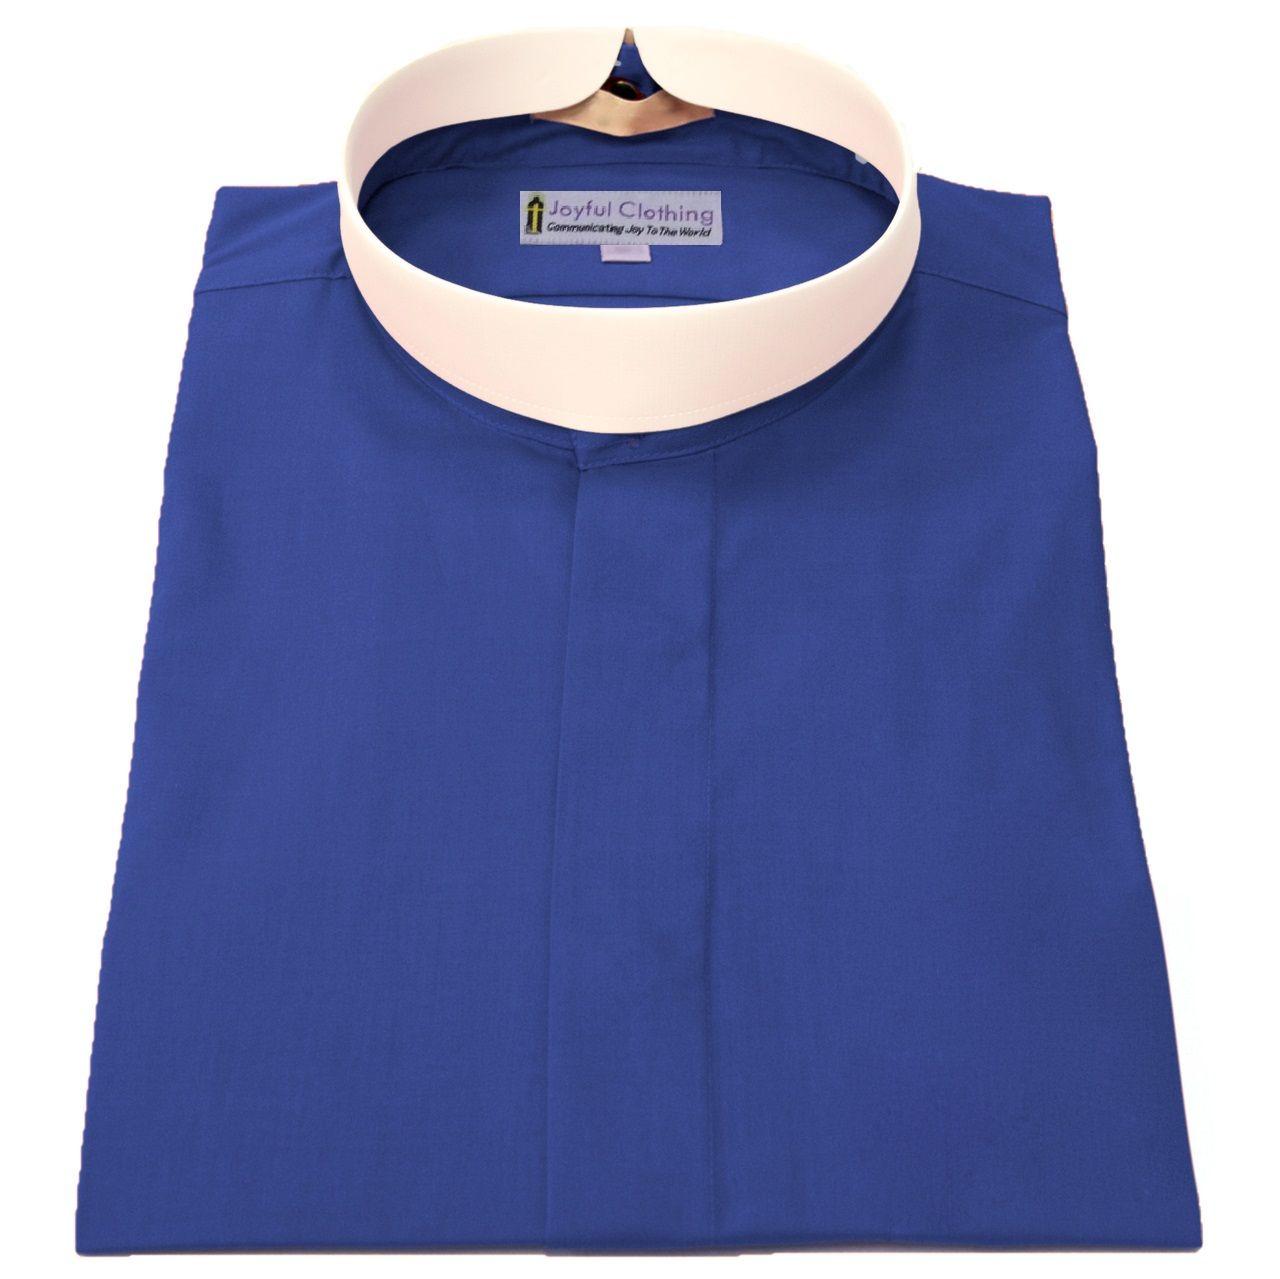 272. Men's Short-Sleeve (Banded) Full-Collar Clergy Shirt - Royal Blue